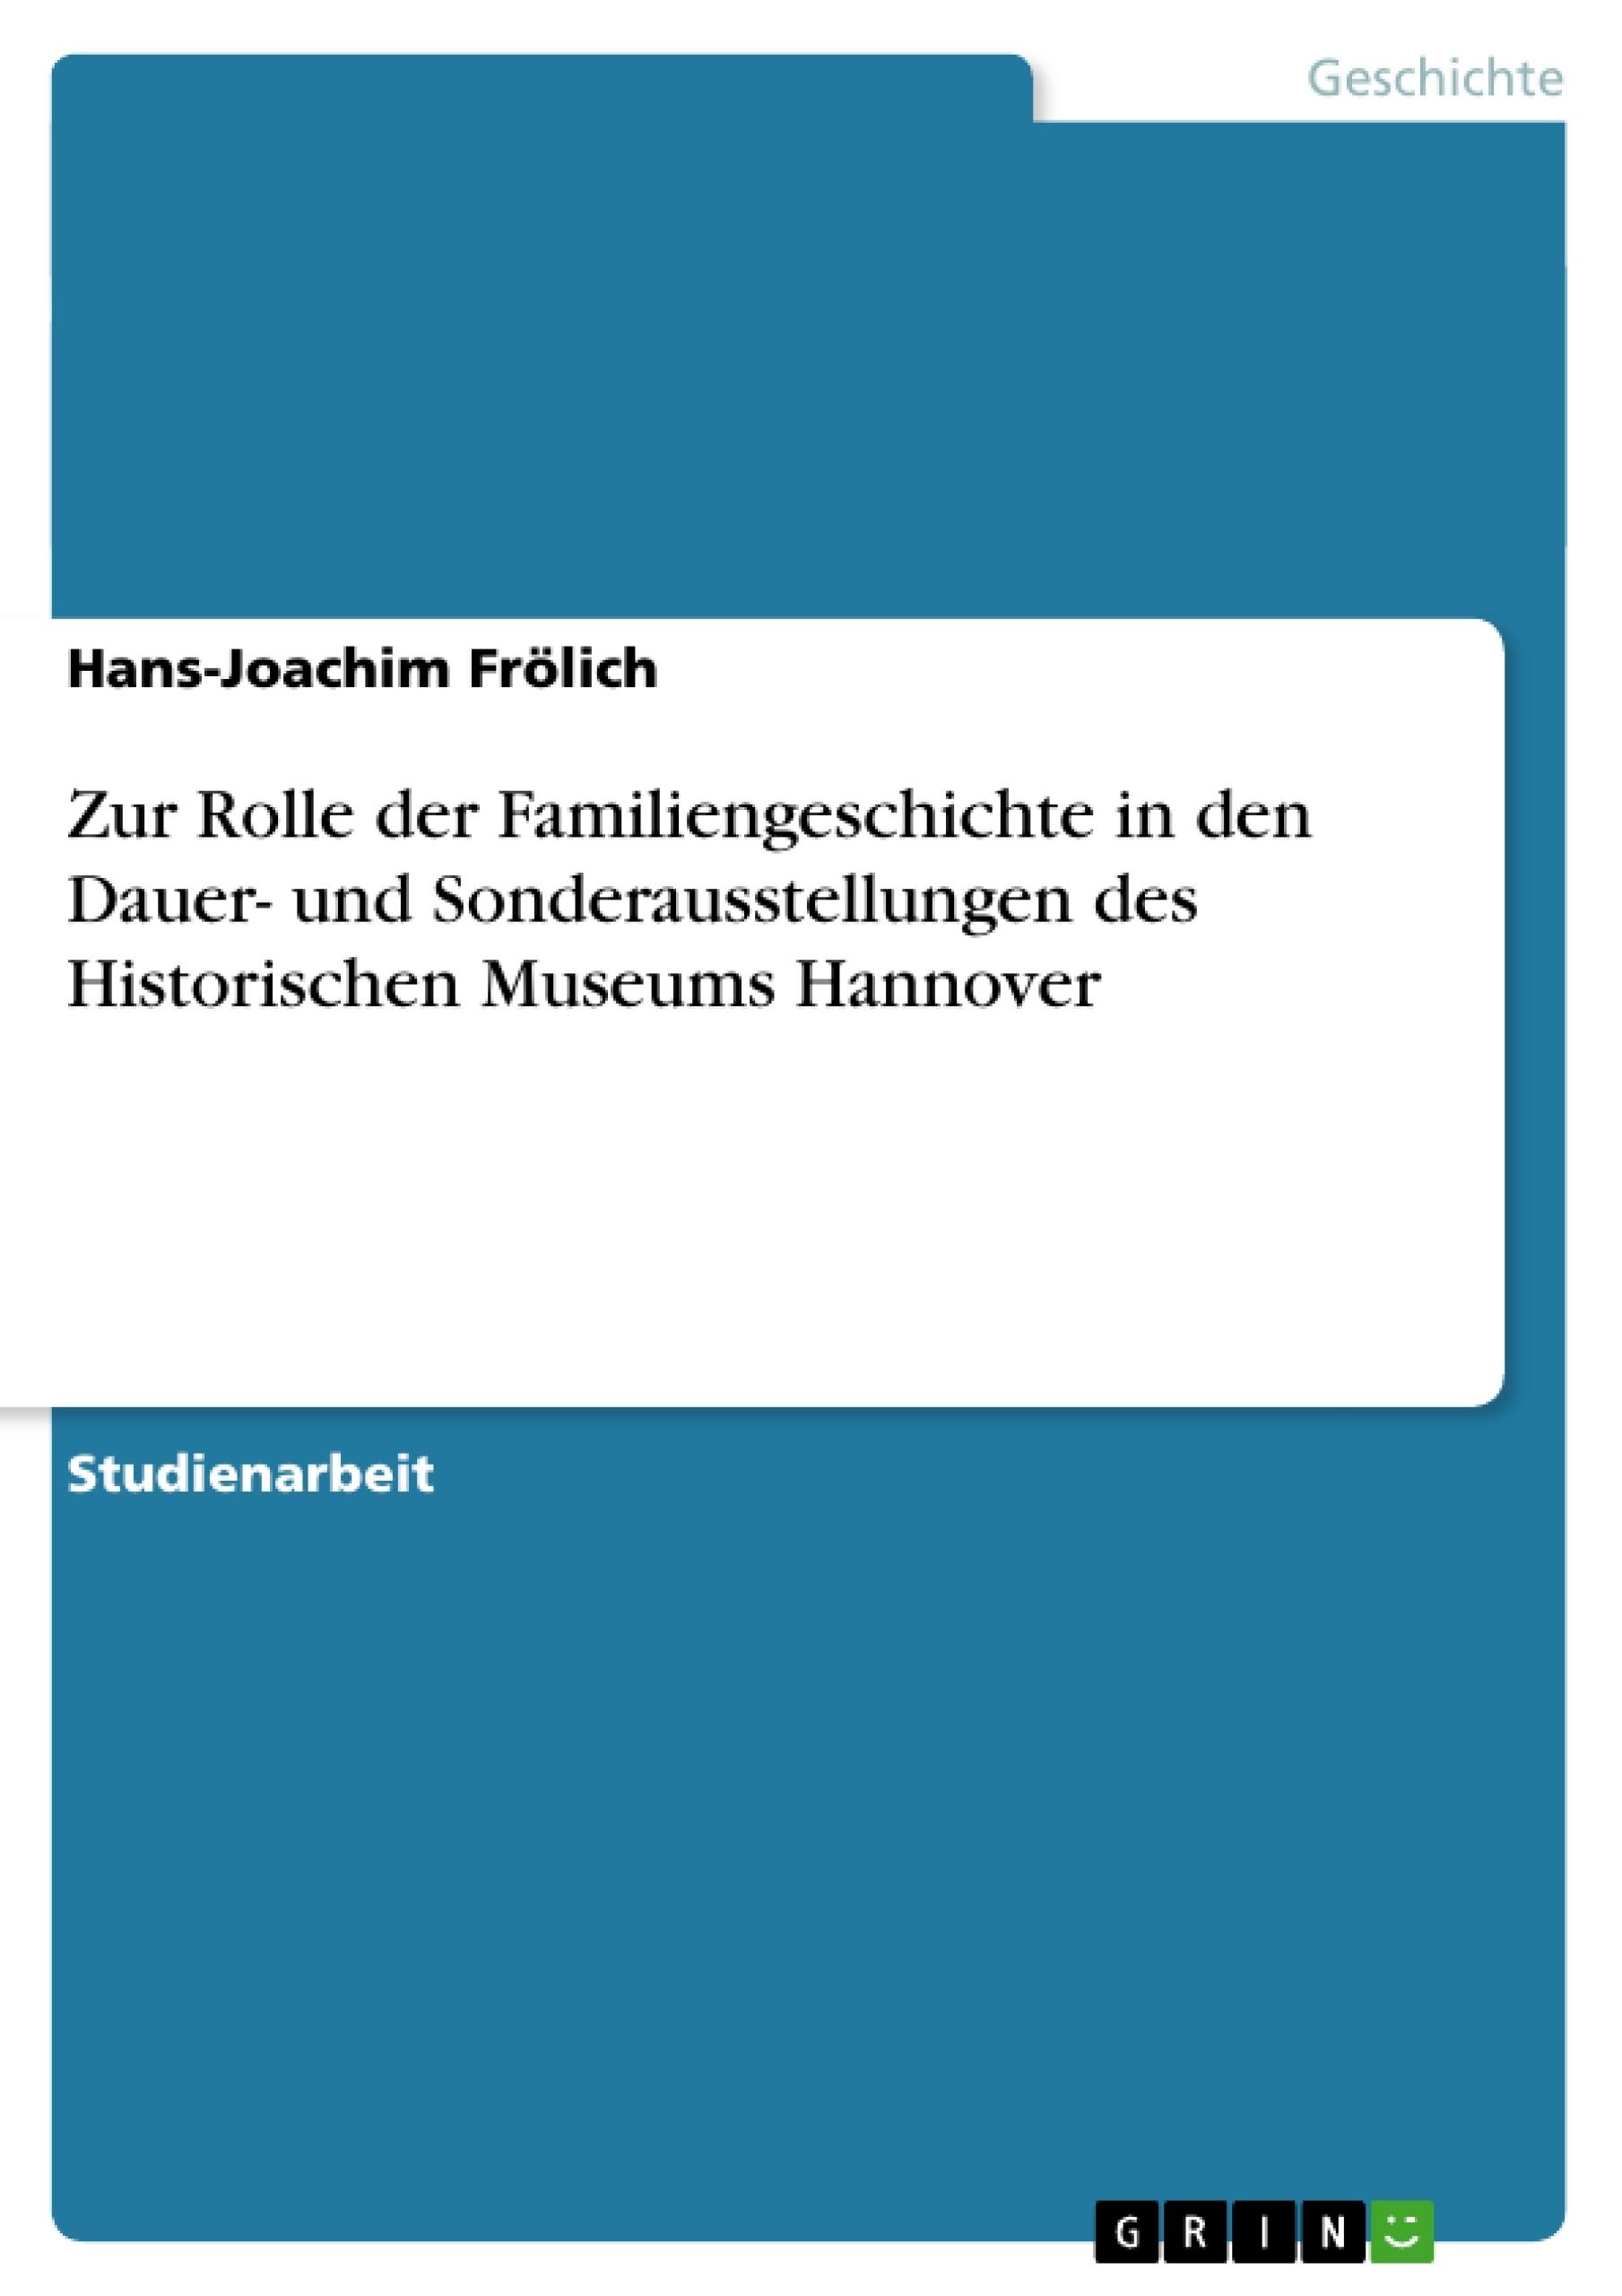 Titel: Zur Rolle der Familiengeschichte in den Dauer- und Sonderausstellungen des Historischen Museums Hannover